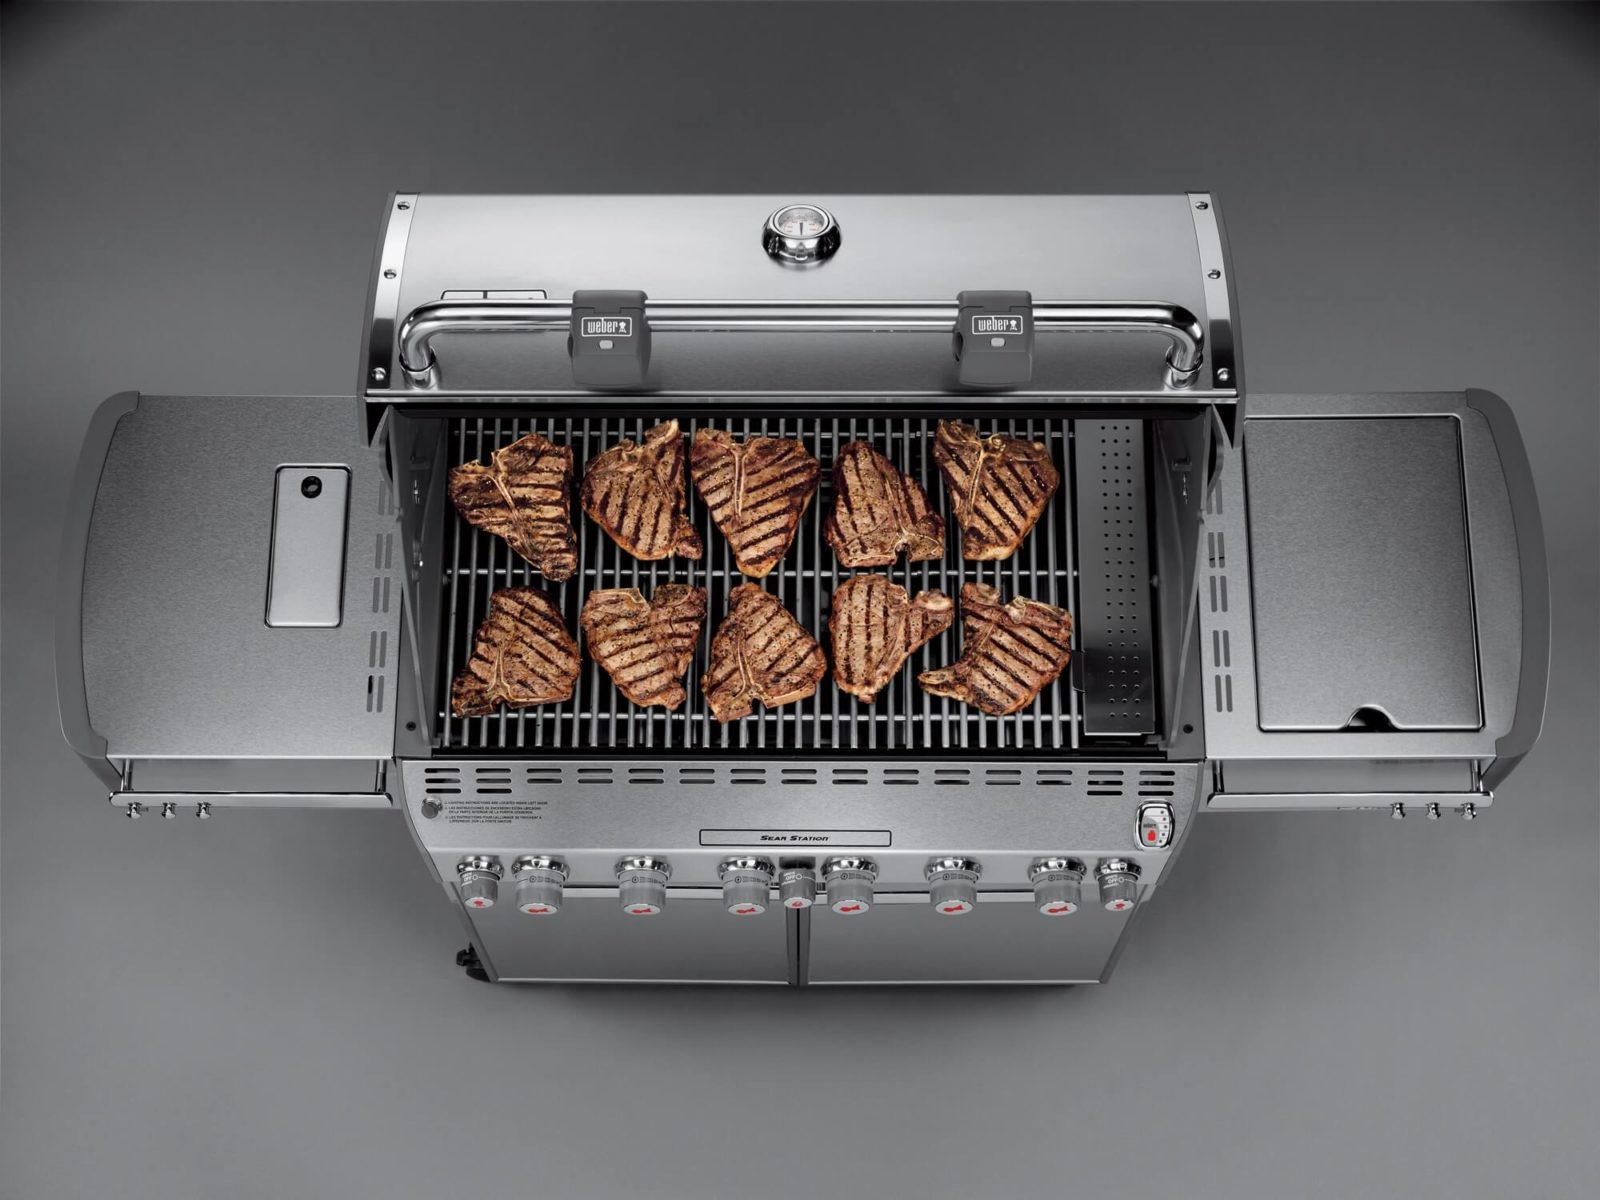 Genesis II. Шесть моделей. Один шеф-повар. Безграничные возможности.